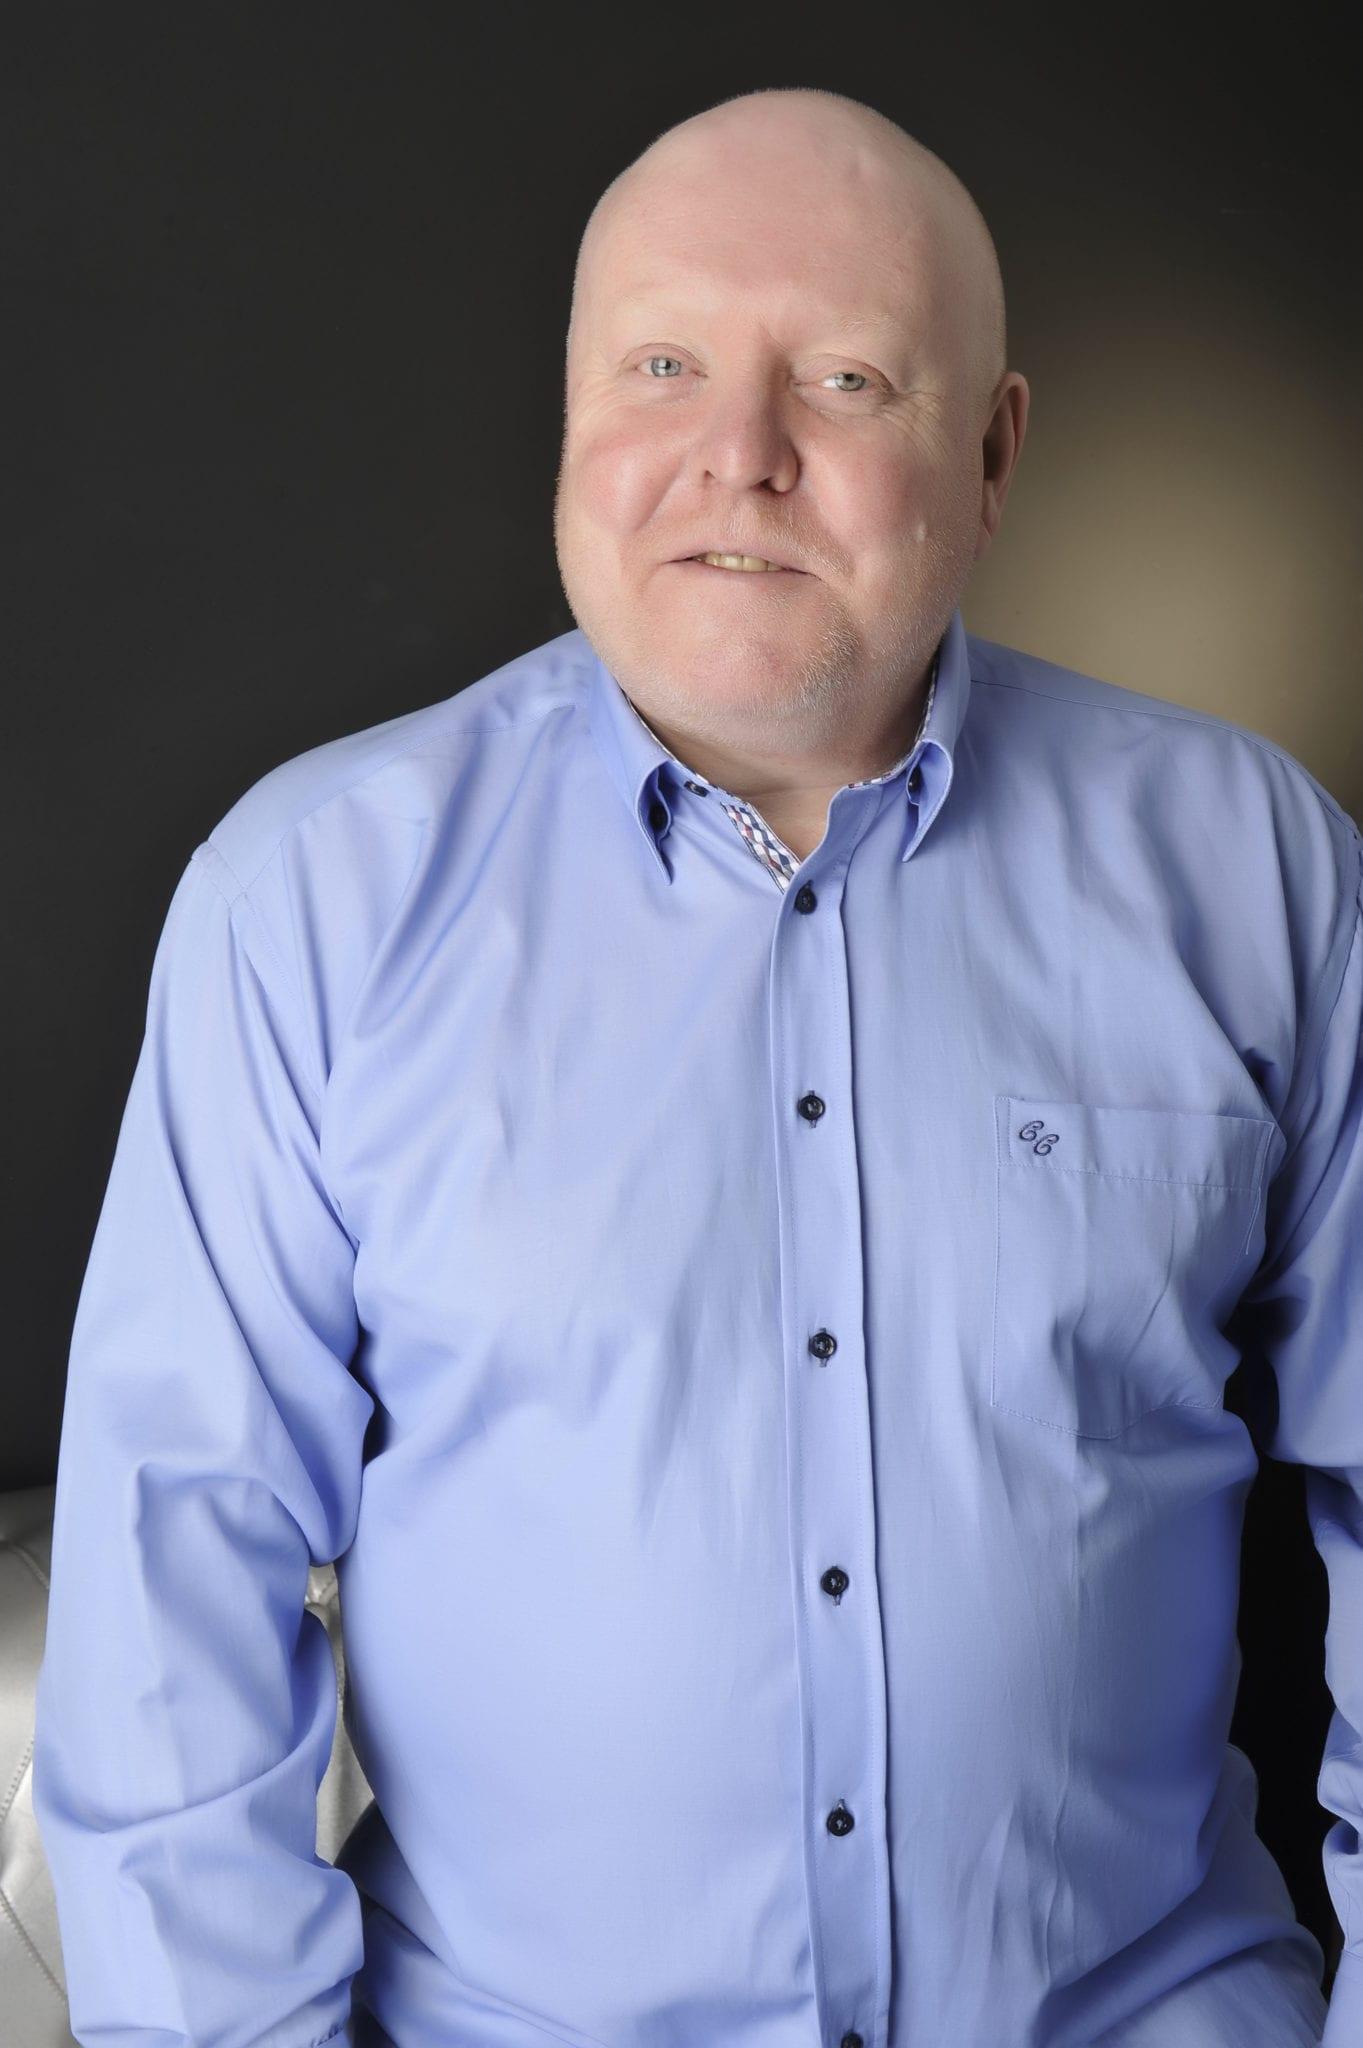 John O'Grady's photo.